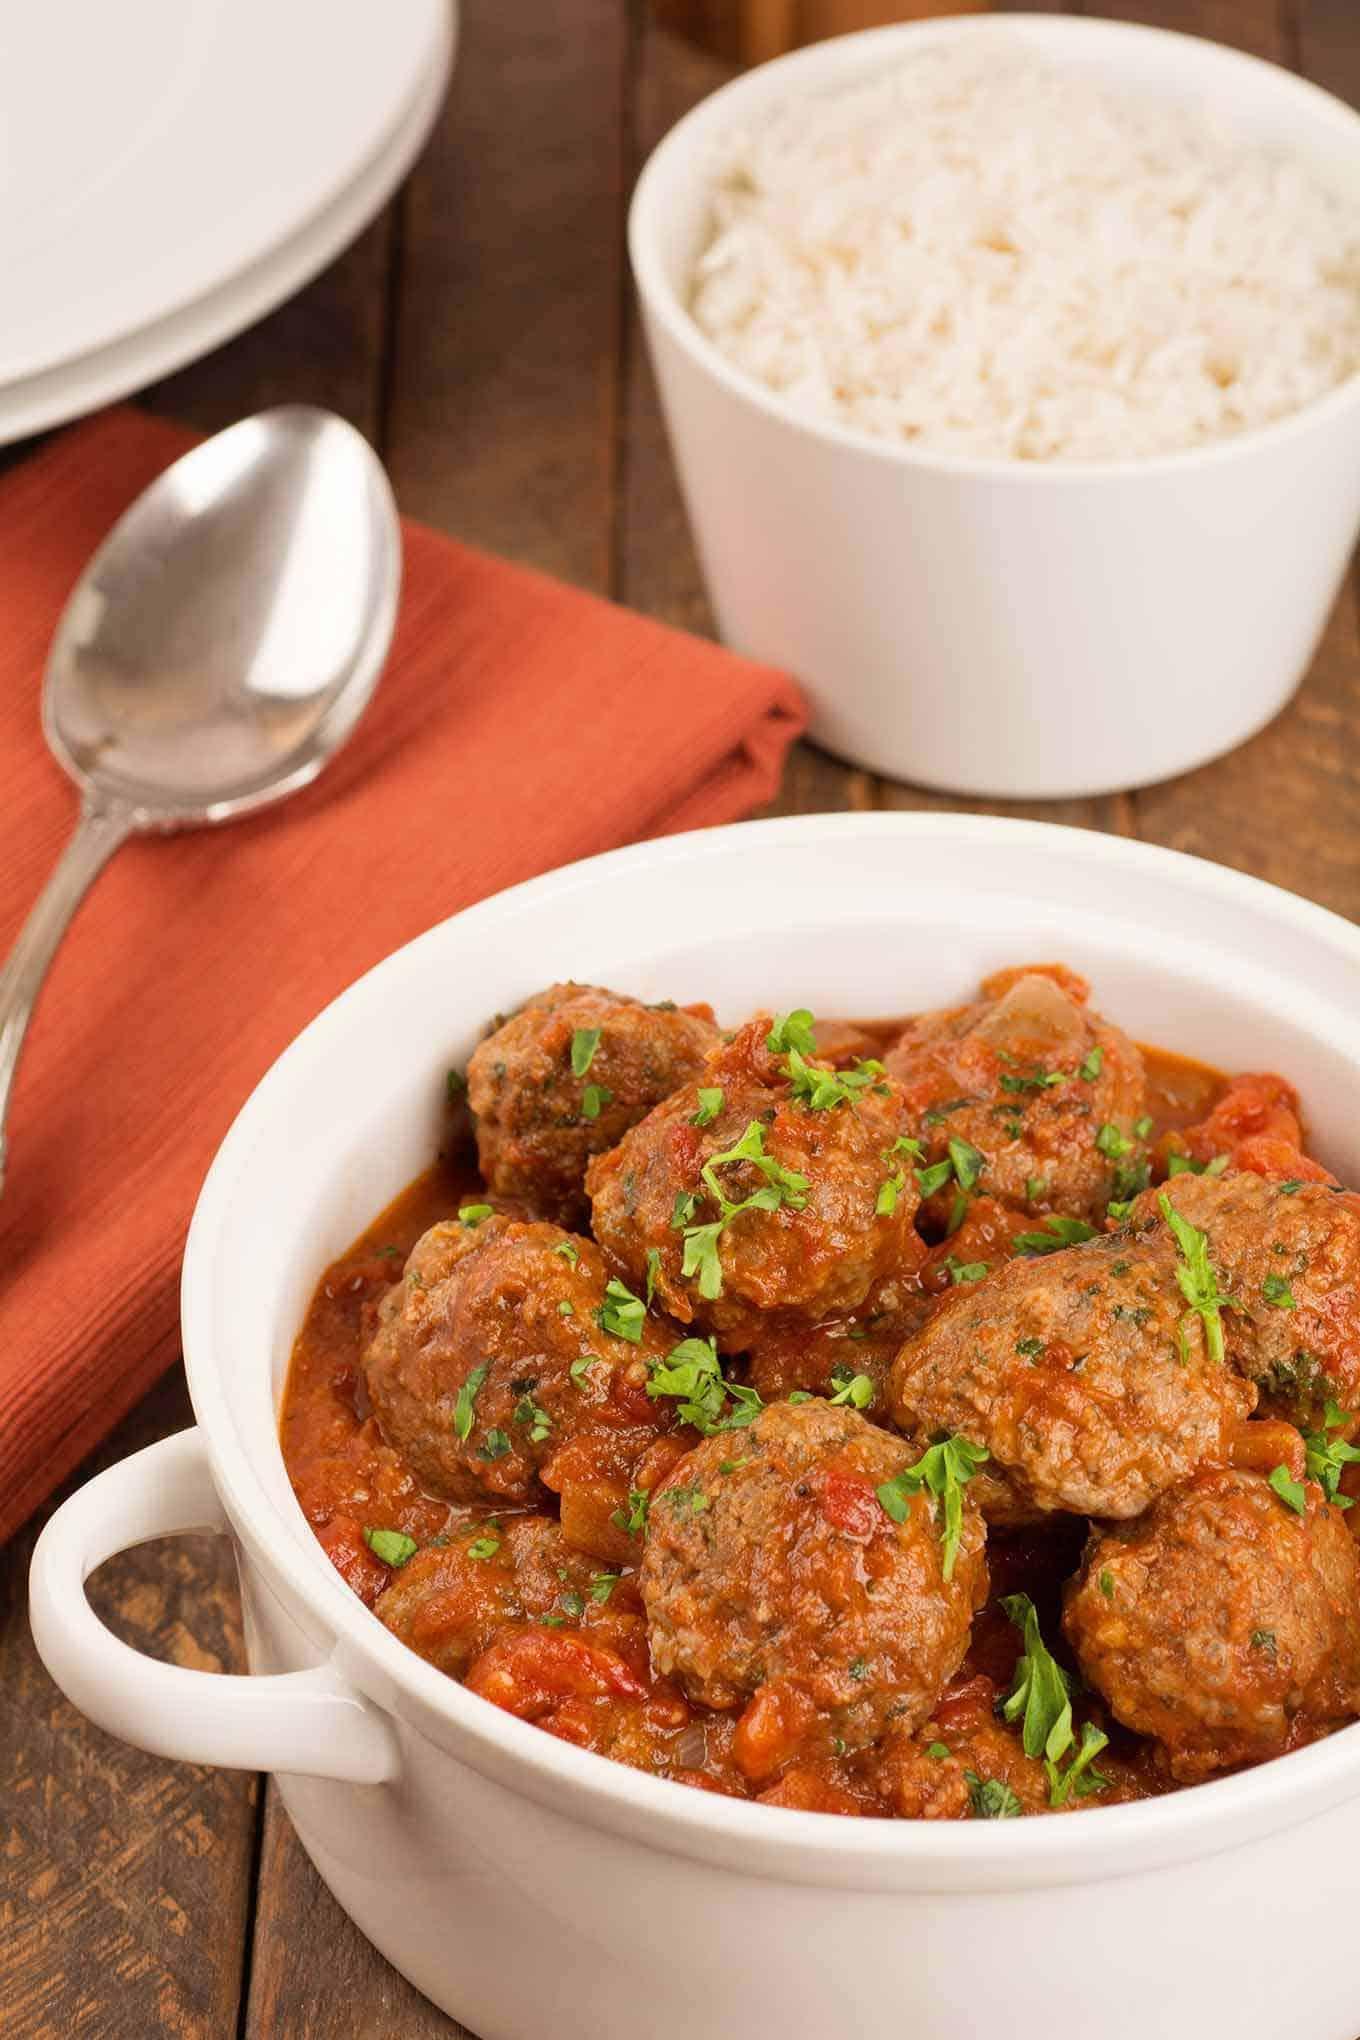 lamb kofta meatballs in tomato sauce